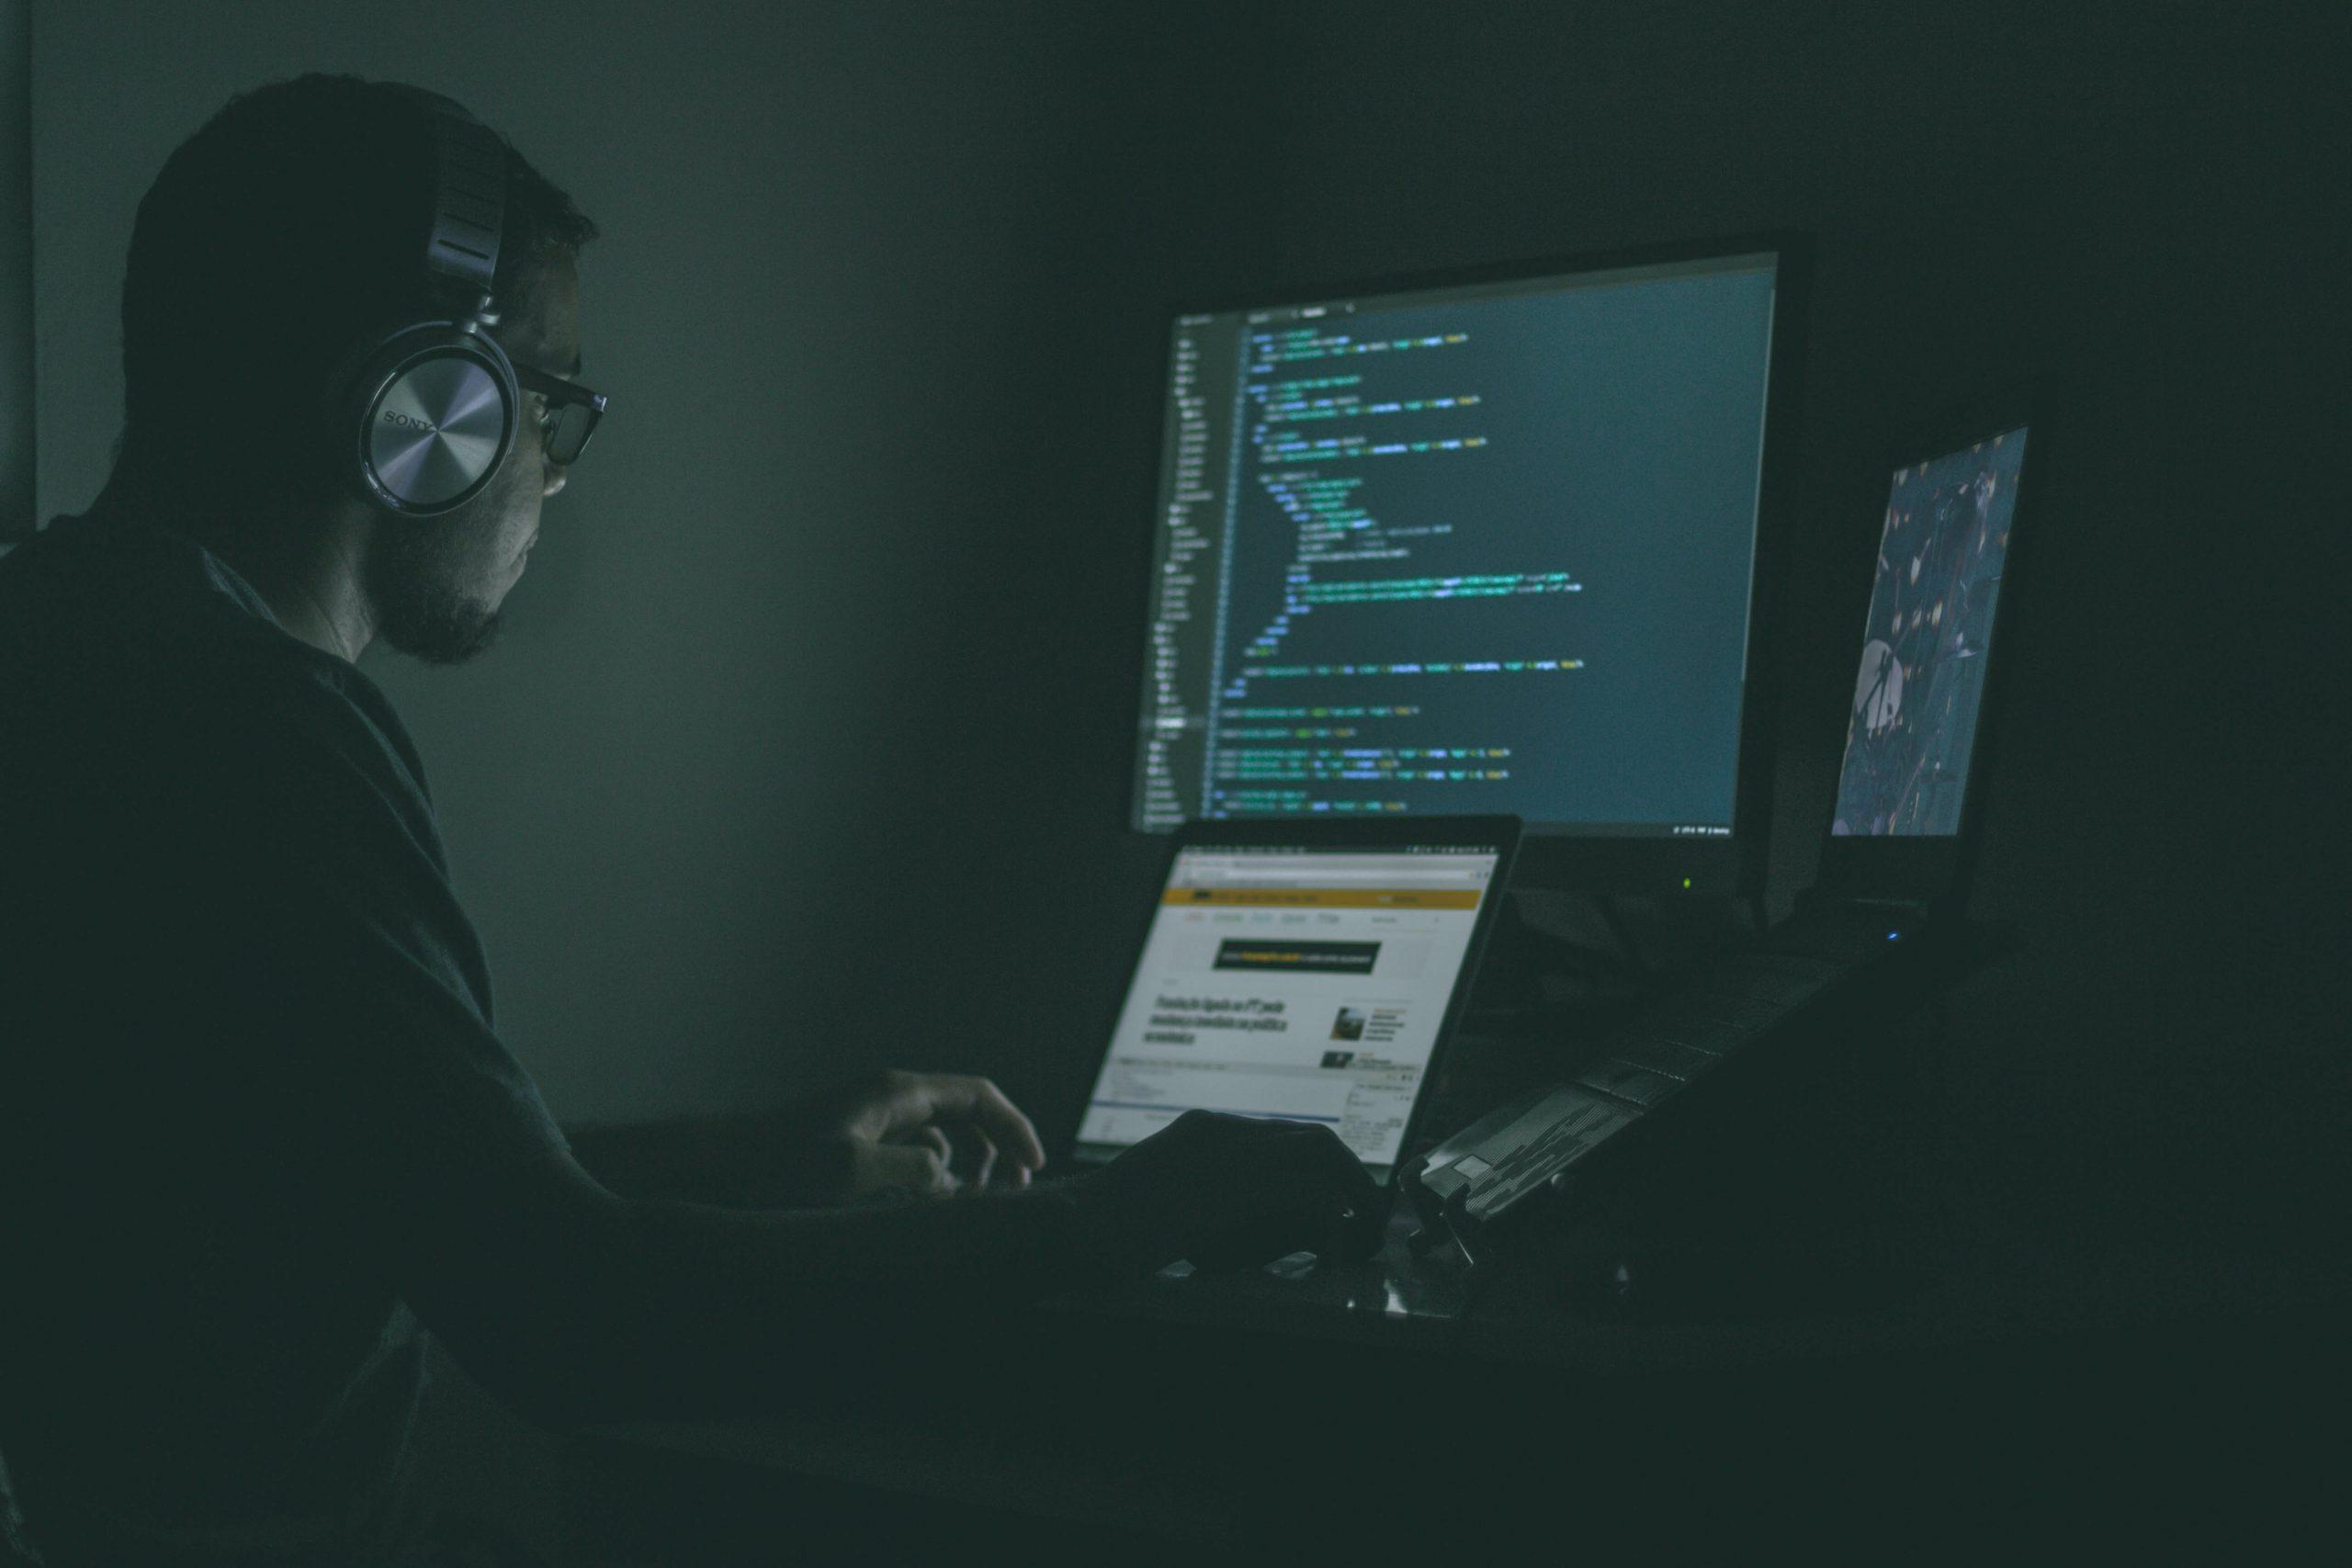 Desenvolver ou comprar IA: três critérios para decidir